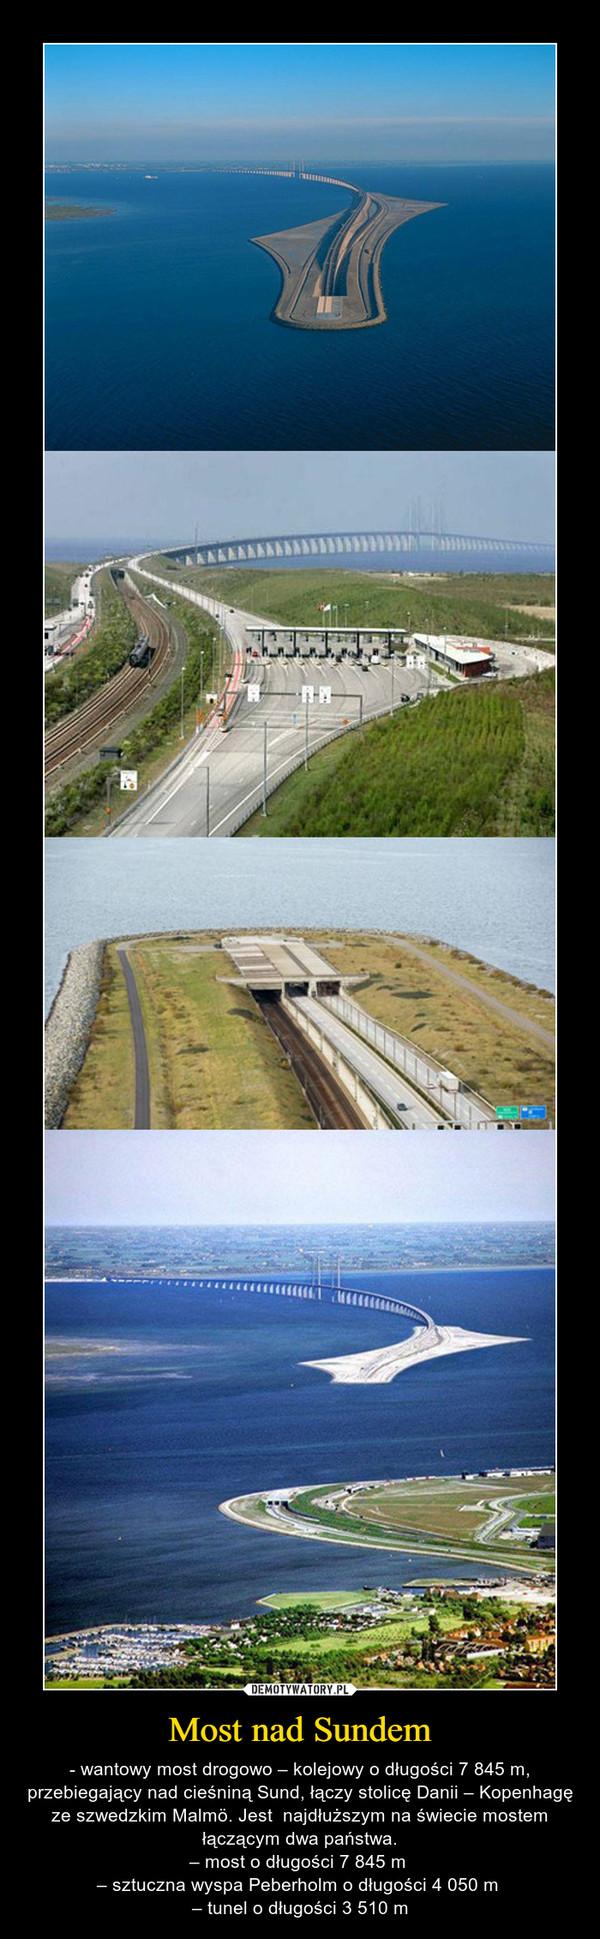 Most nad Sundem – - wantowy most drogowo – kolejowy o długości 7 845 m, przebiegający nad cieśniną Sund, łączy stolicę Danii – Kopenhagę ze szwedzkim Malmö. Jest  najdłuższym na świecie mostem łączącym dwa państwa.– most o długości 7 845 m – sztuczna wyspa Peberholm o długości 4 050 m – tunel o długości 3 510 m